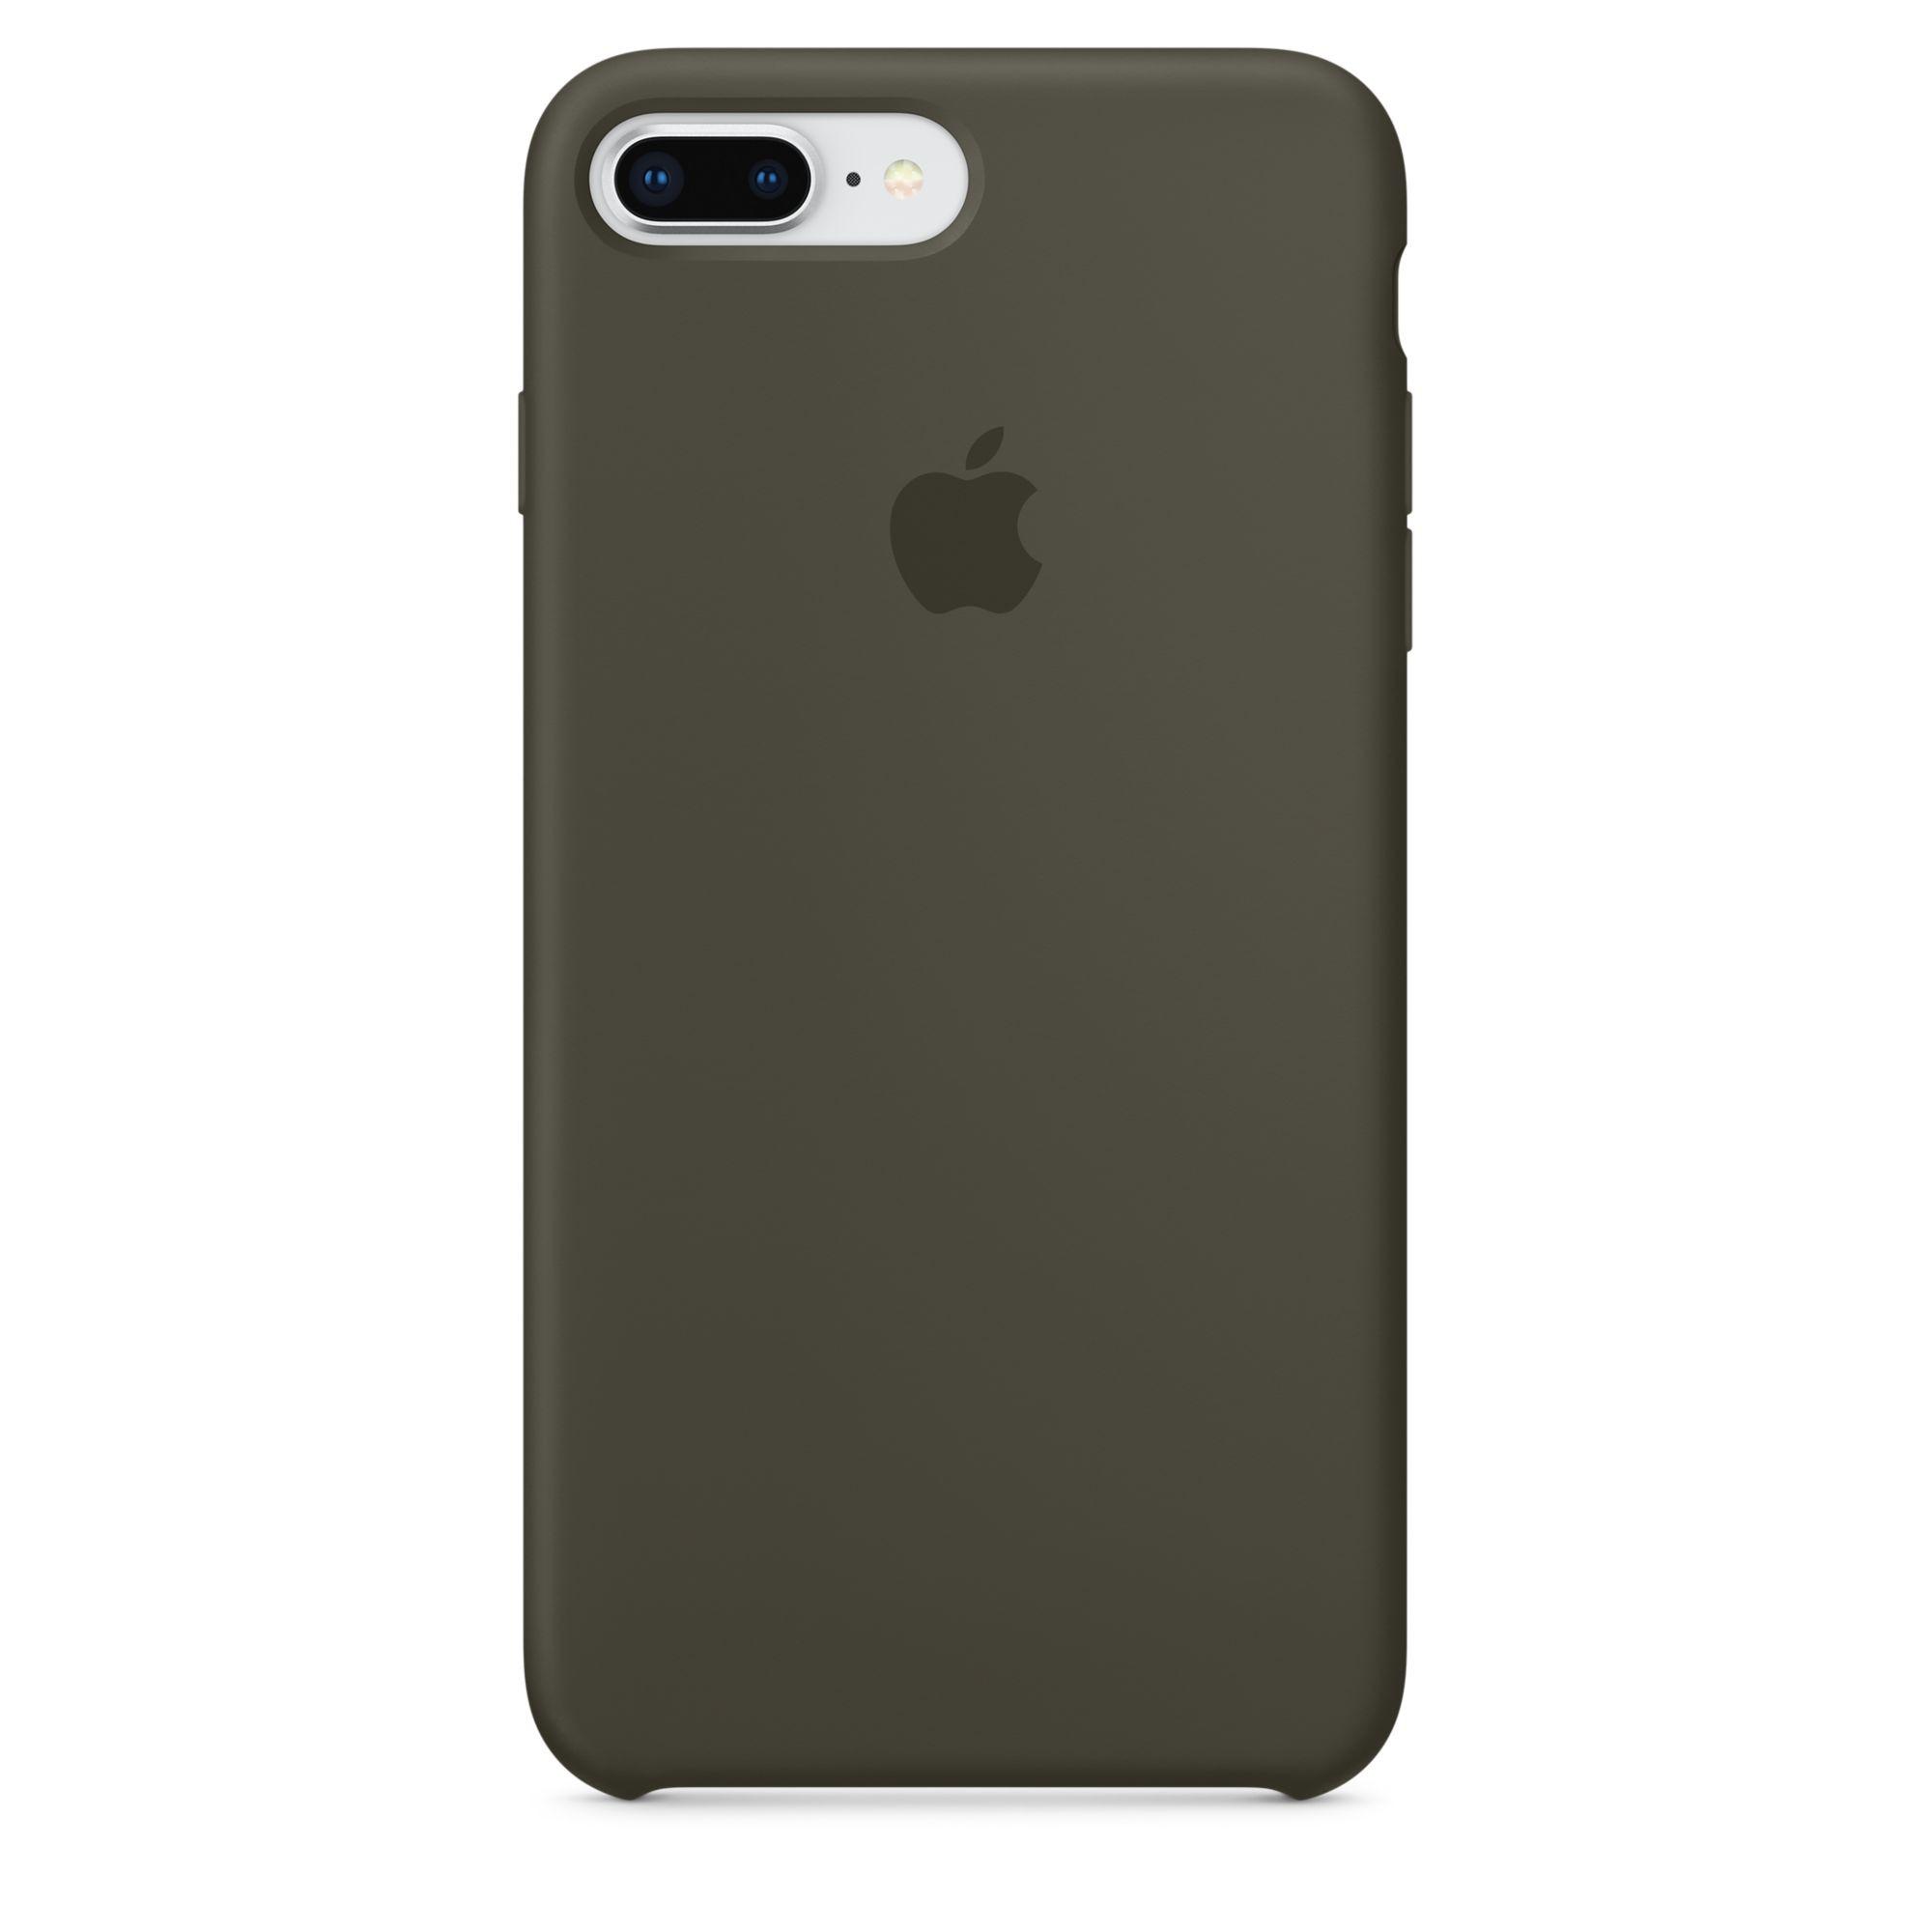 Apple silikonový kryt na iPhone 8 Plus / 7 Plus – tmavě olivový